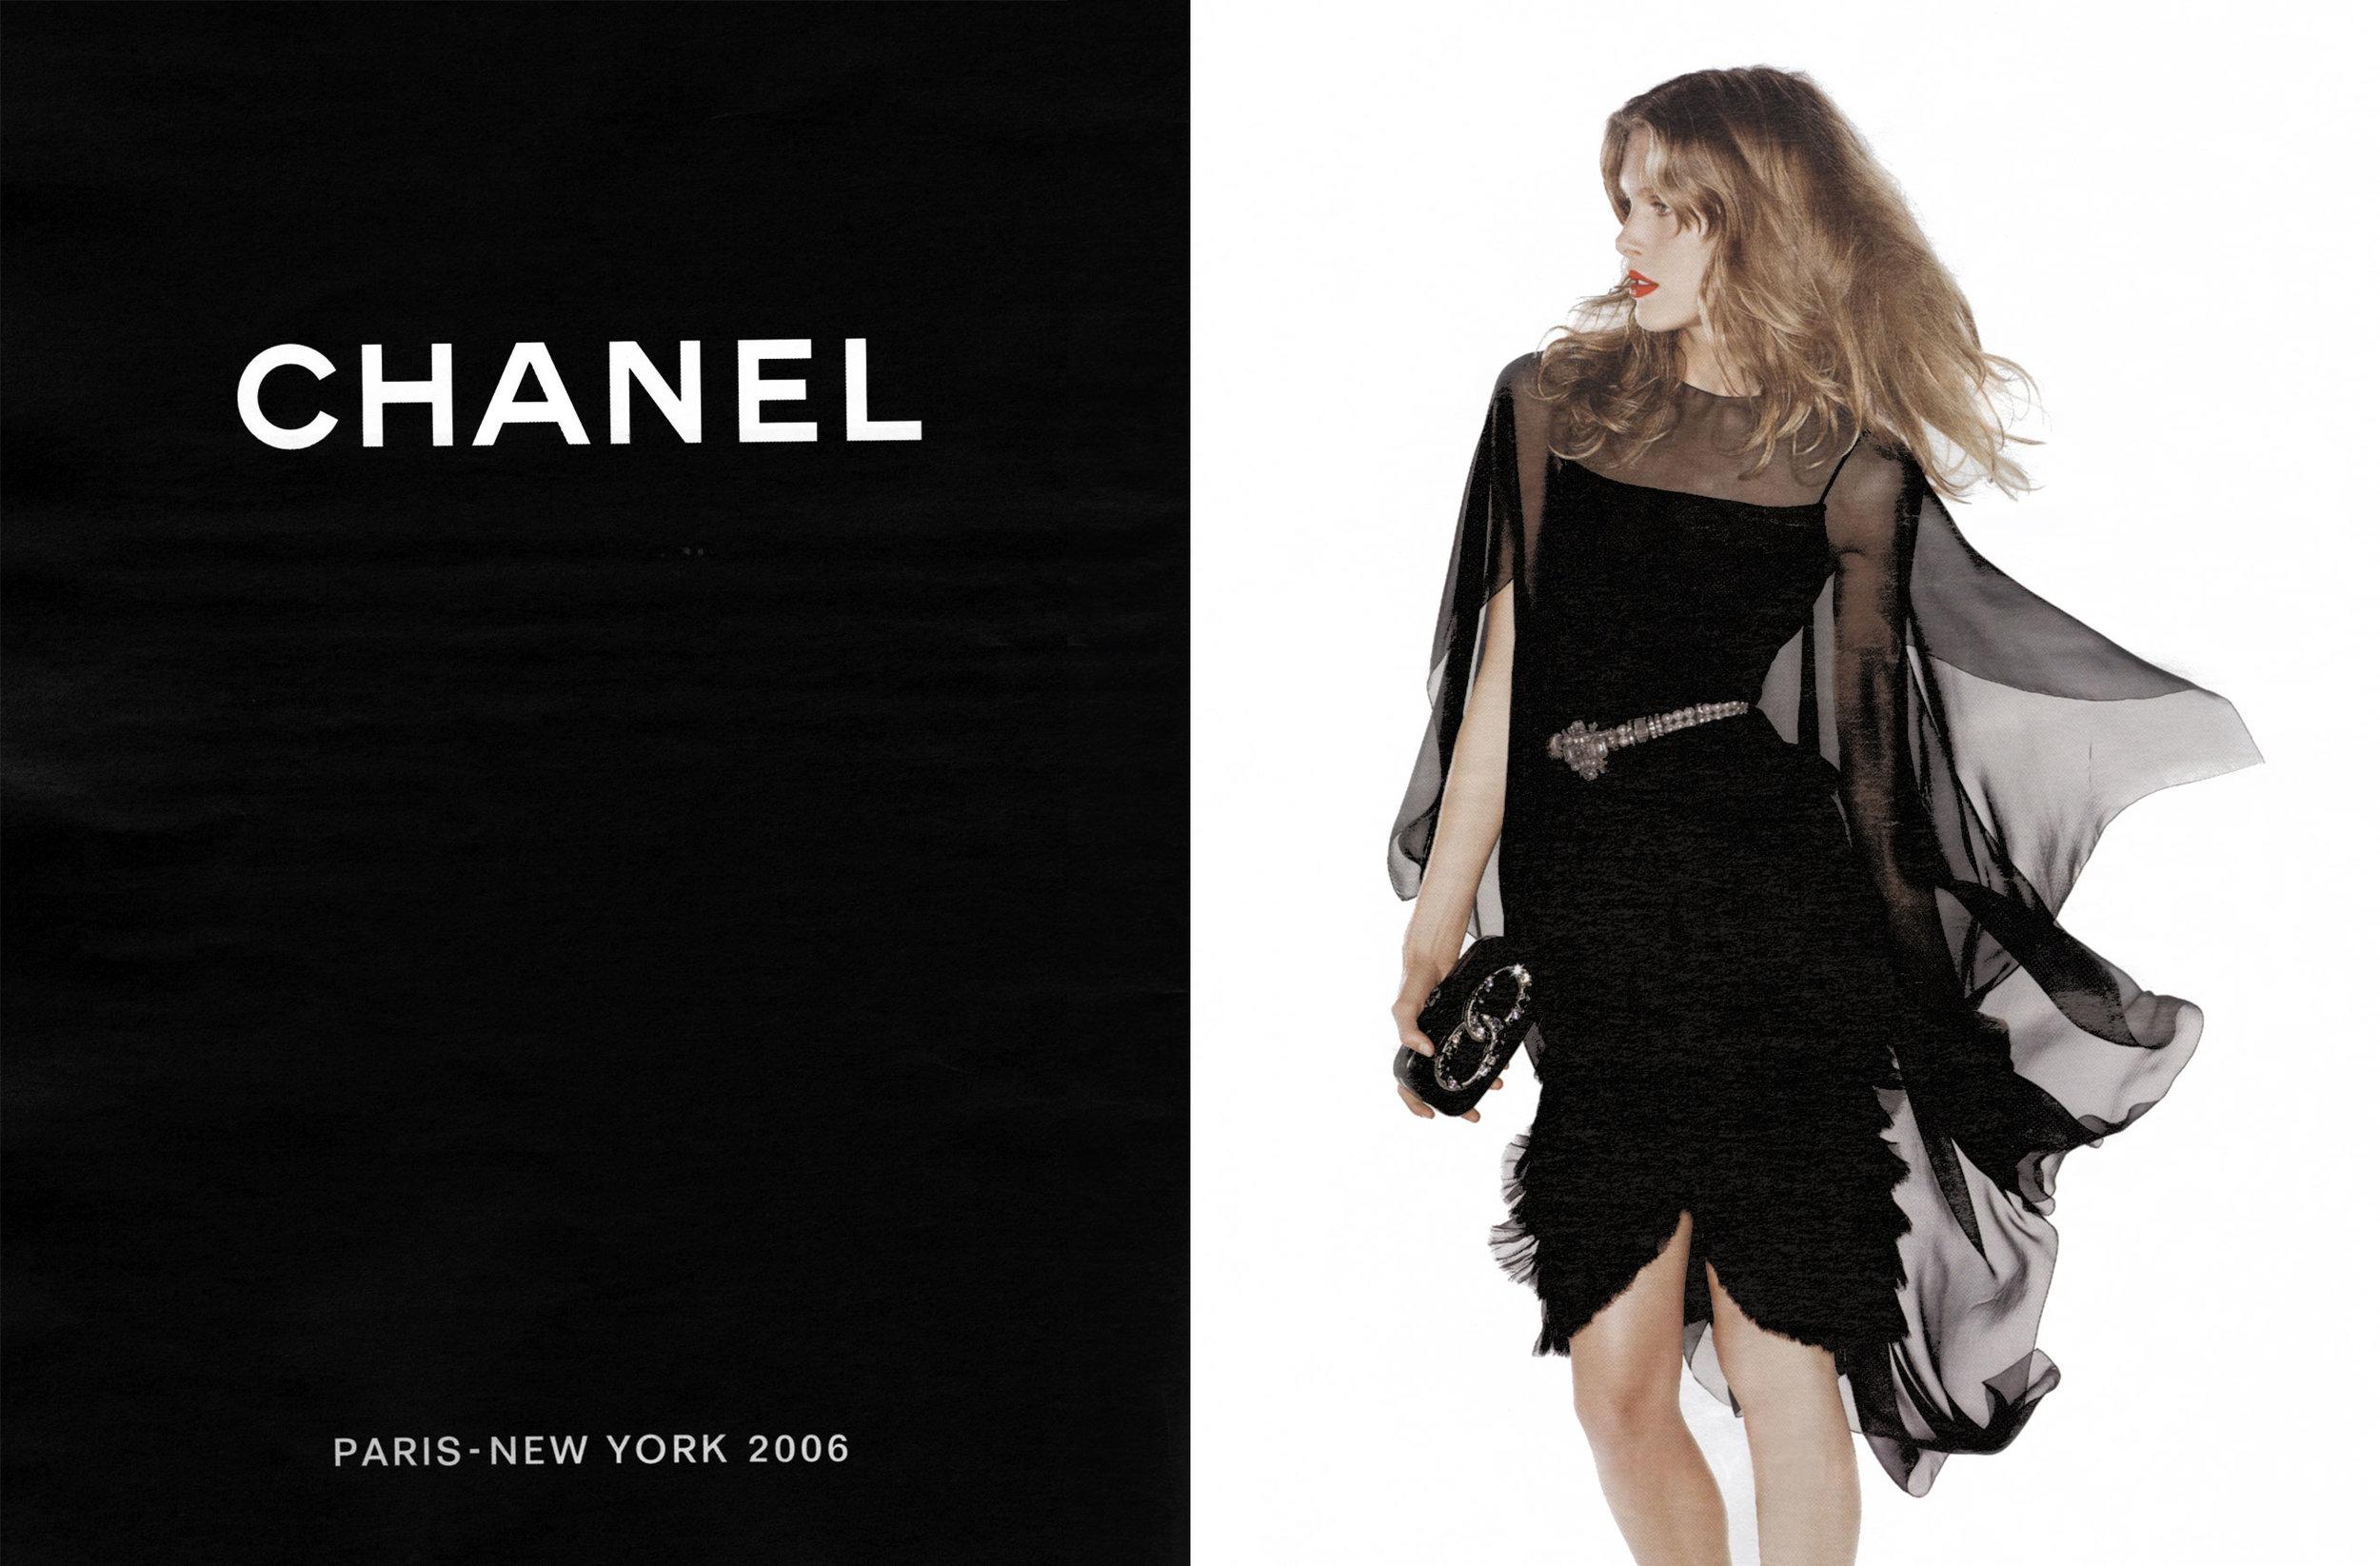 Chanel-SS_06-Karl-Lagerfeld-4_Iselin Steiro.jpg